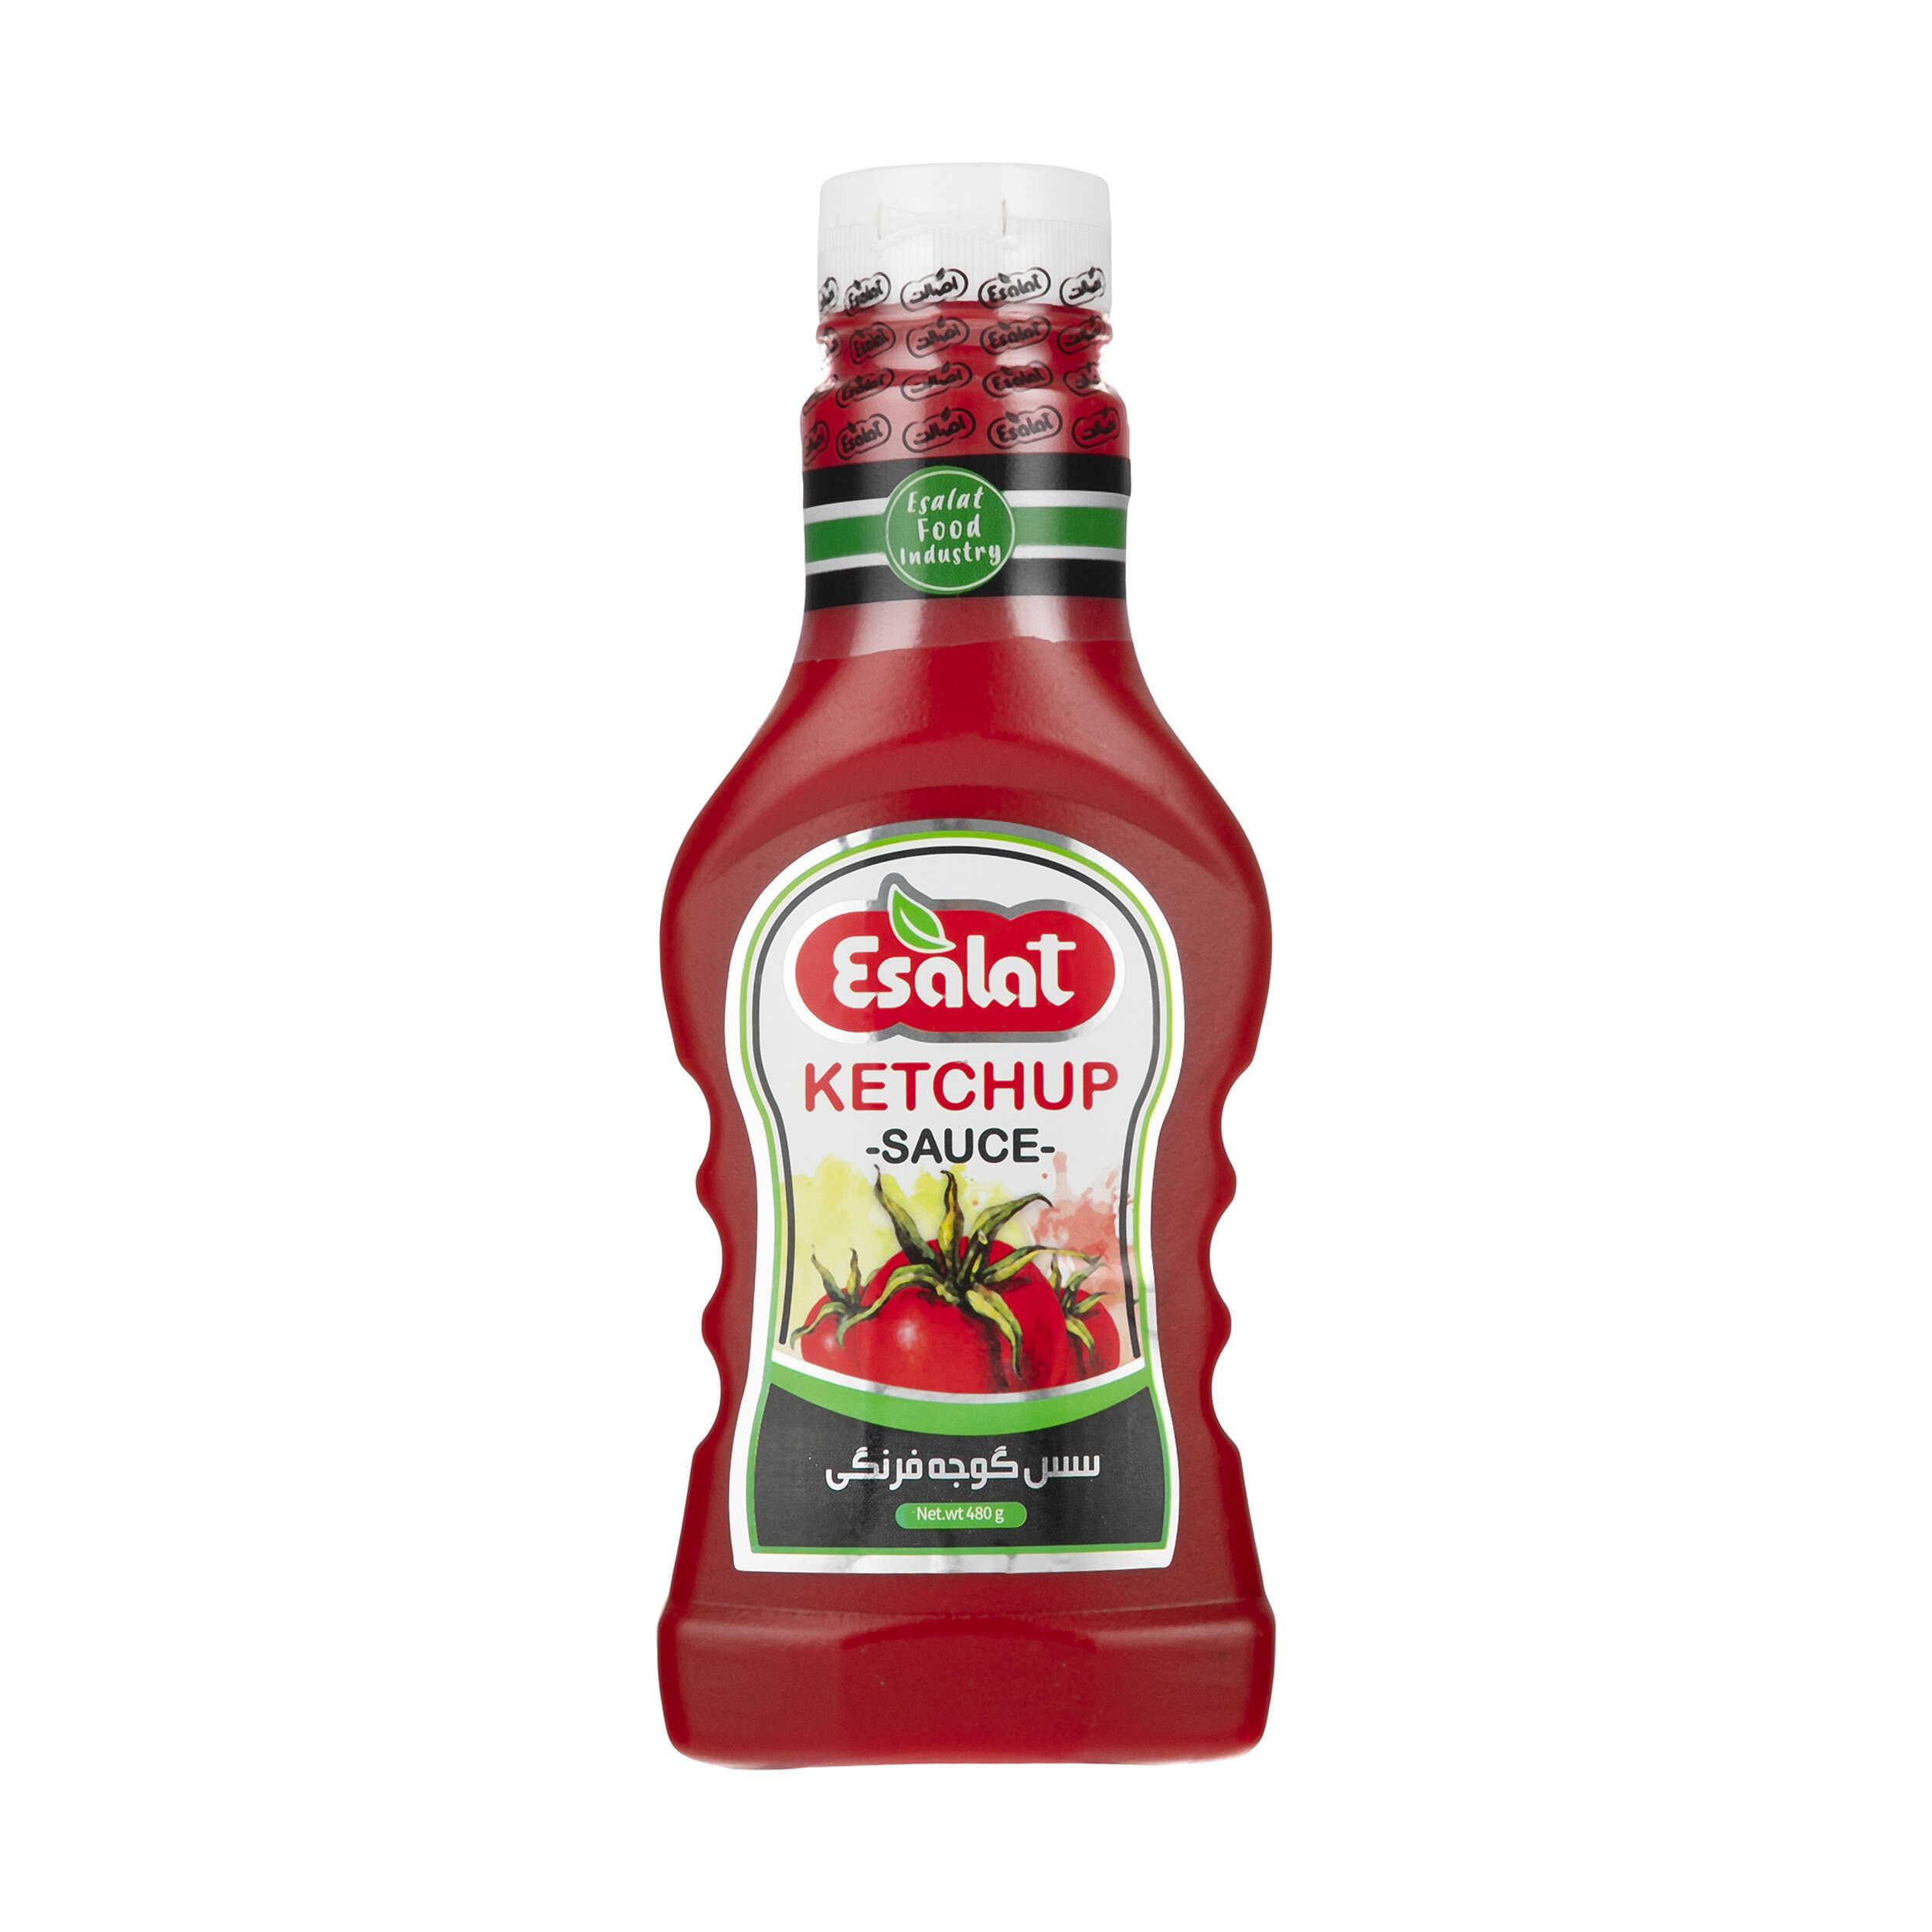 خرید سس گوجه فرنگی ارزان قیمت + 15 مدل با کیفیت